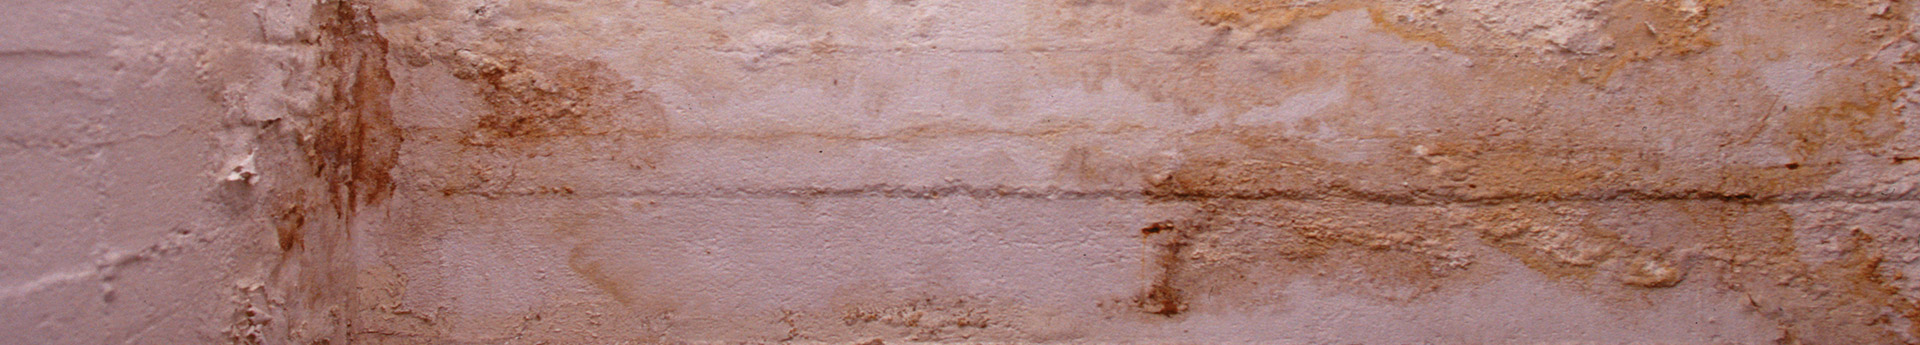 Kellerwand mit Flecken